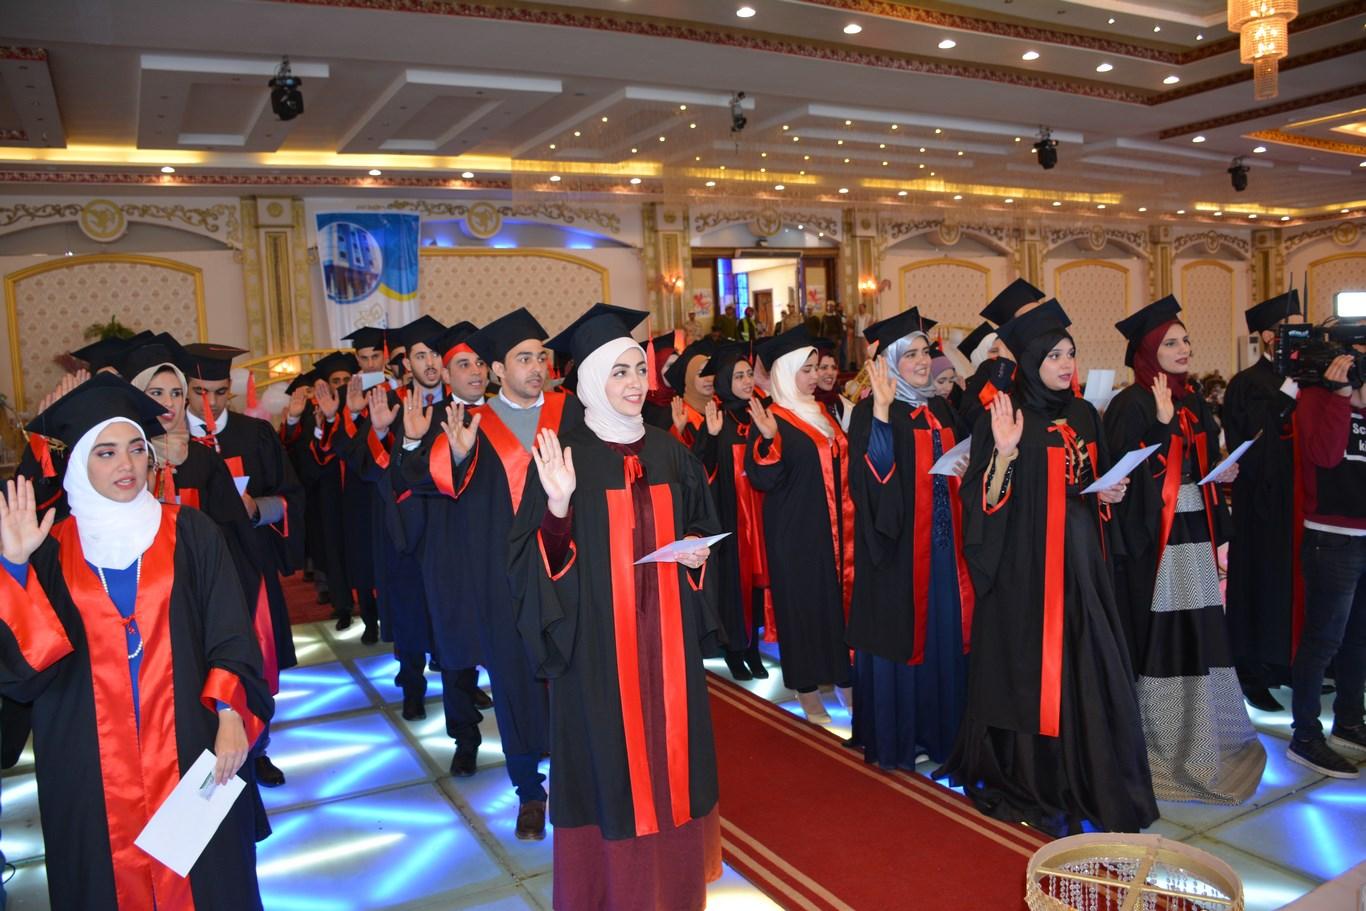 حفل تخريج طلاب الدفعة 49 طب المنصورة  (5)